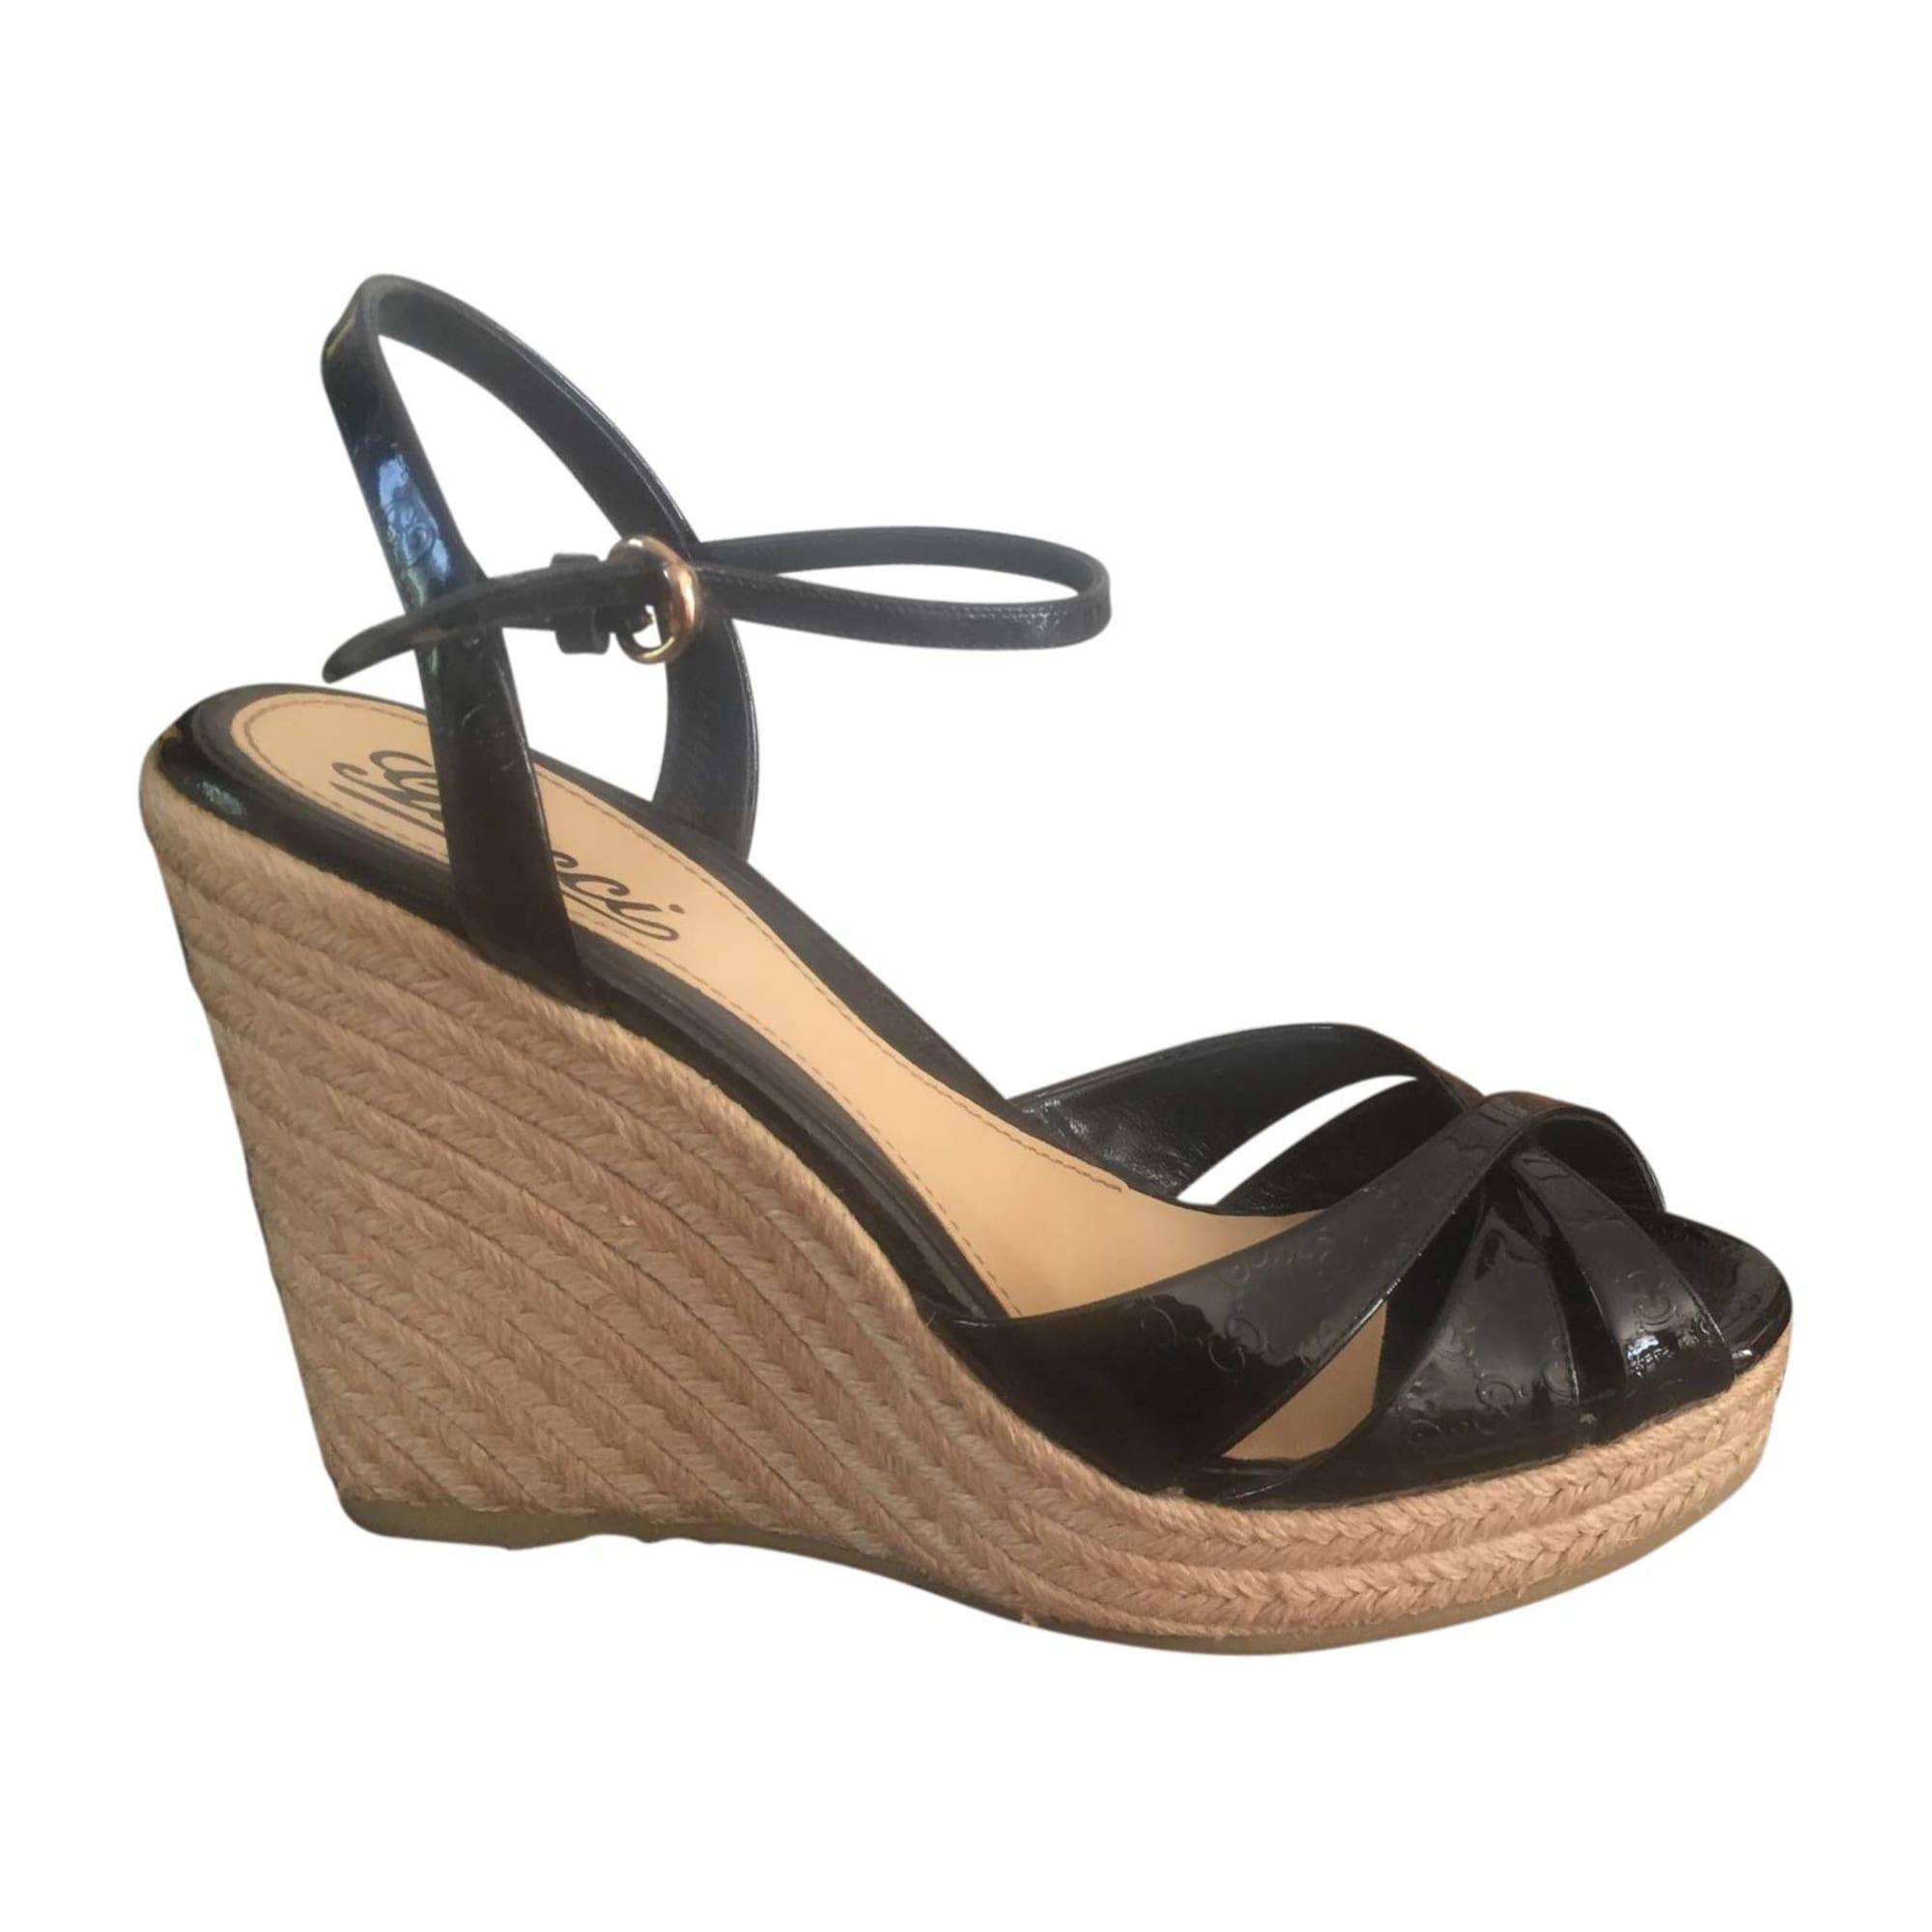 b5cfa0764f3a Sandales compensées GUCCI 38,5 noir vendu par Sabrina49779 - 5954830